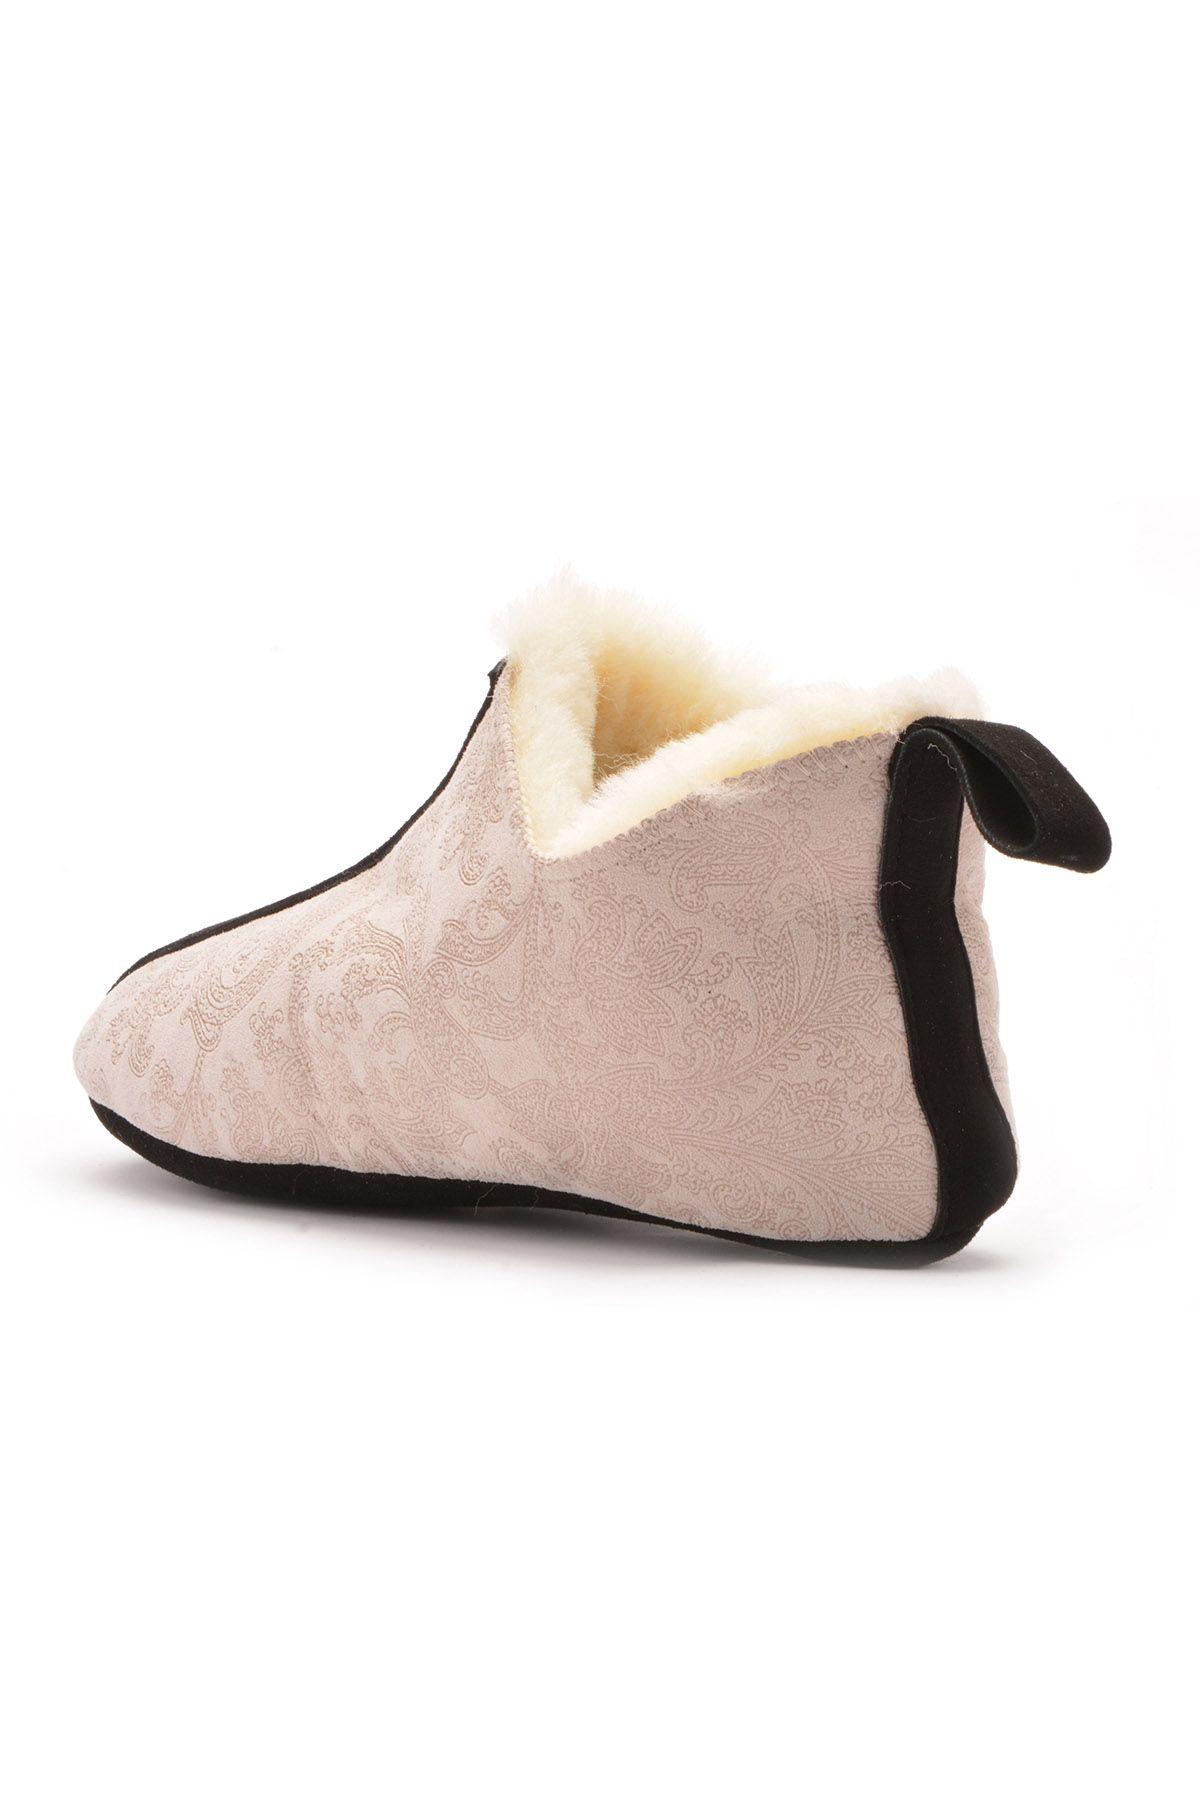 Pegia Hakiki Kürk Bayan Ev Ayakkabısı 101097 Bej